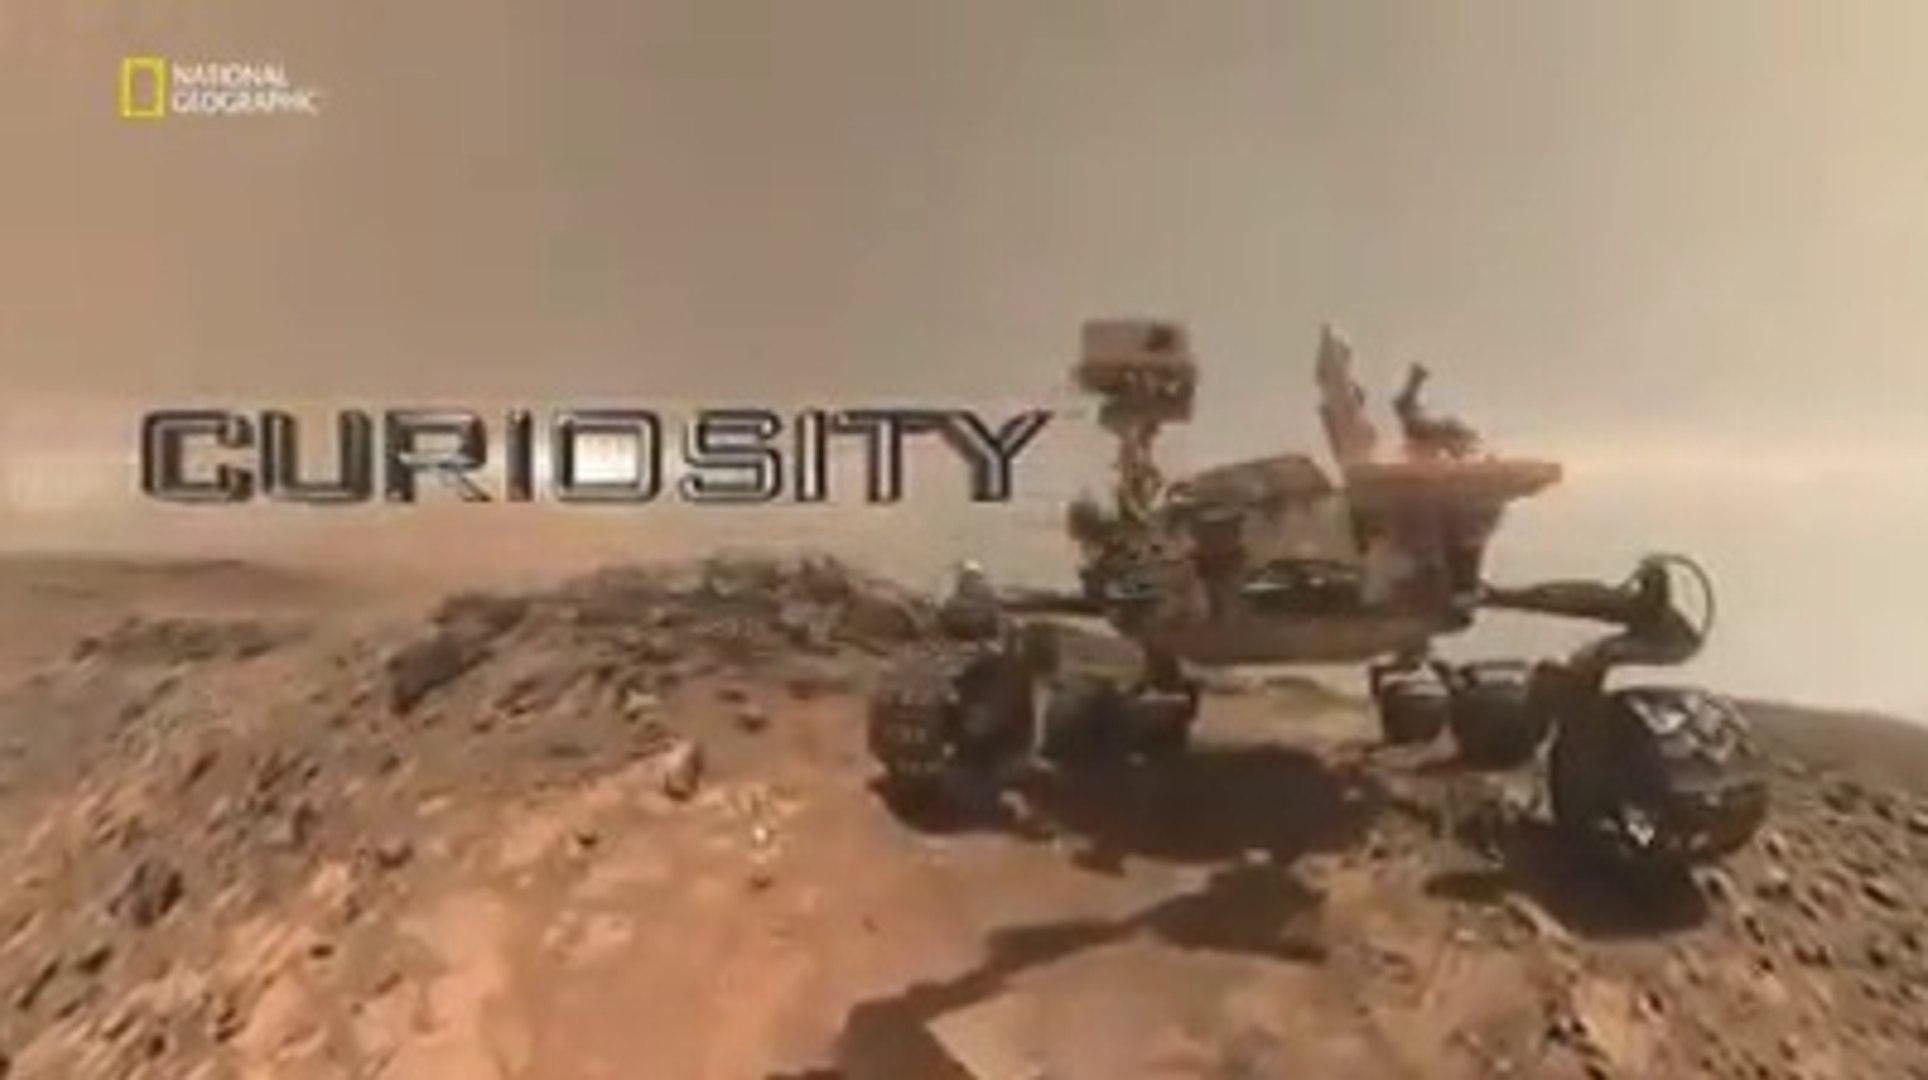 Belgesel - Mars keşif Aracı Curiostiy'nin Hayatı